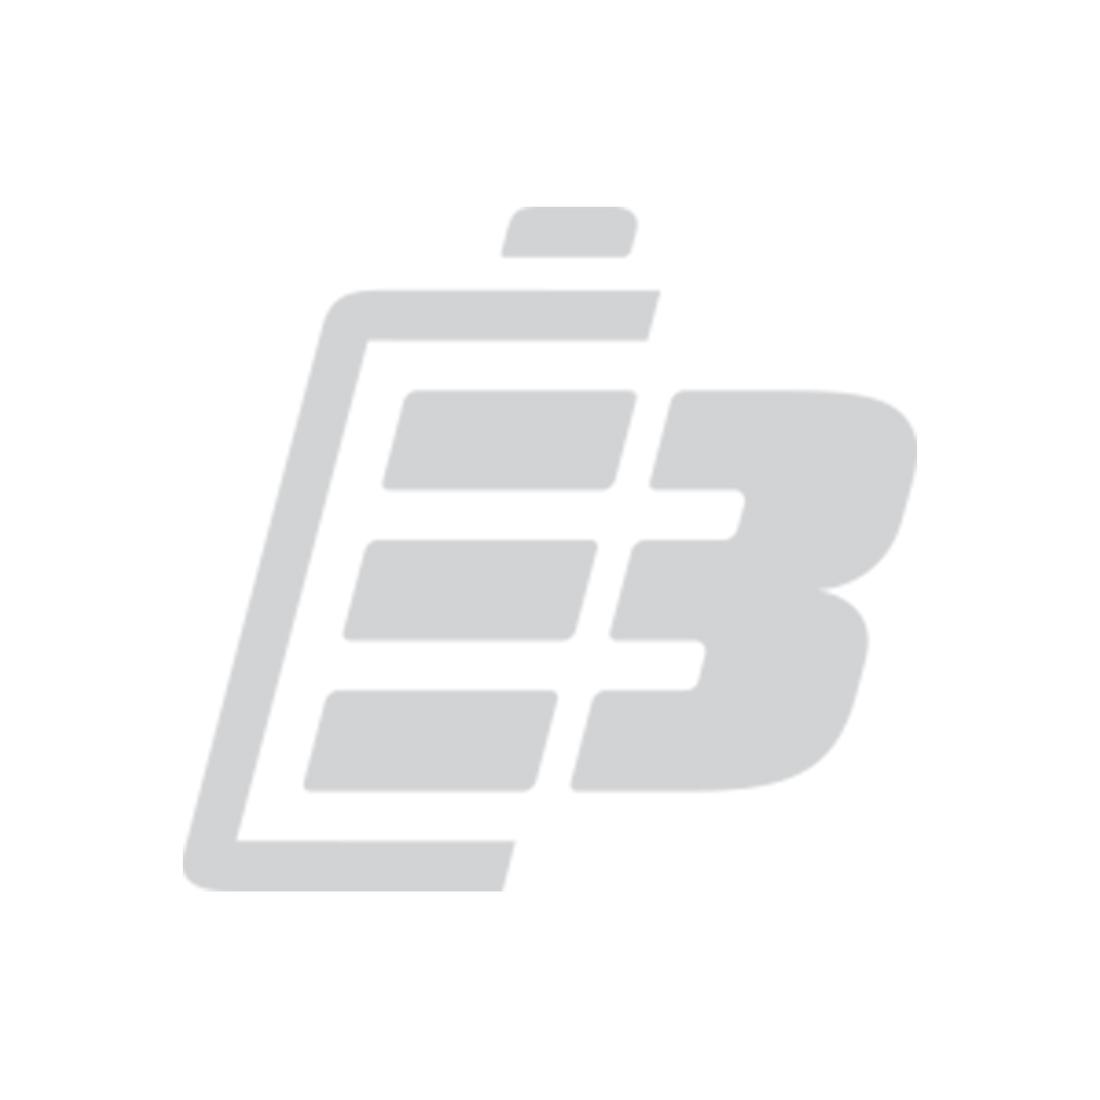 Μπαταρία ασύρματων ακουστικών Sony MDR-RF810_1